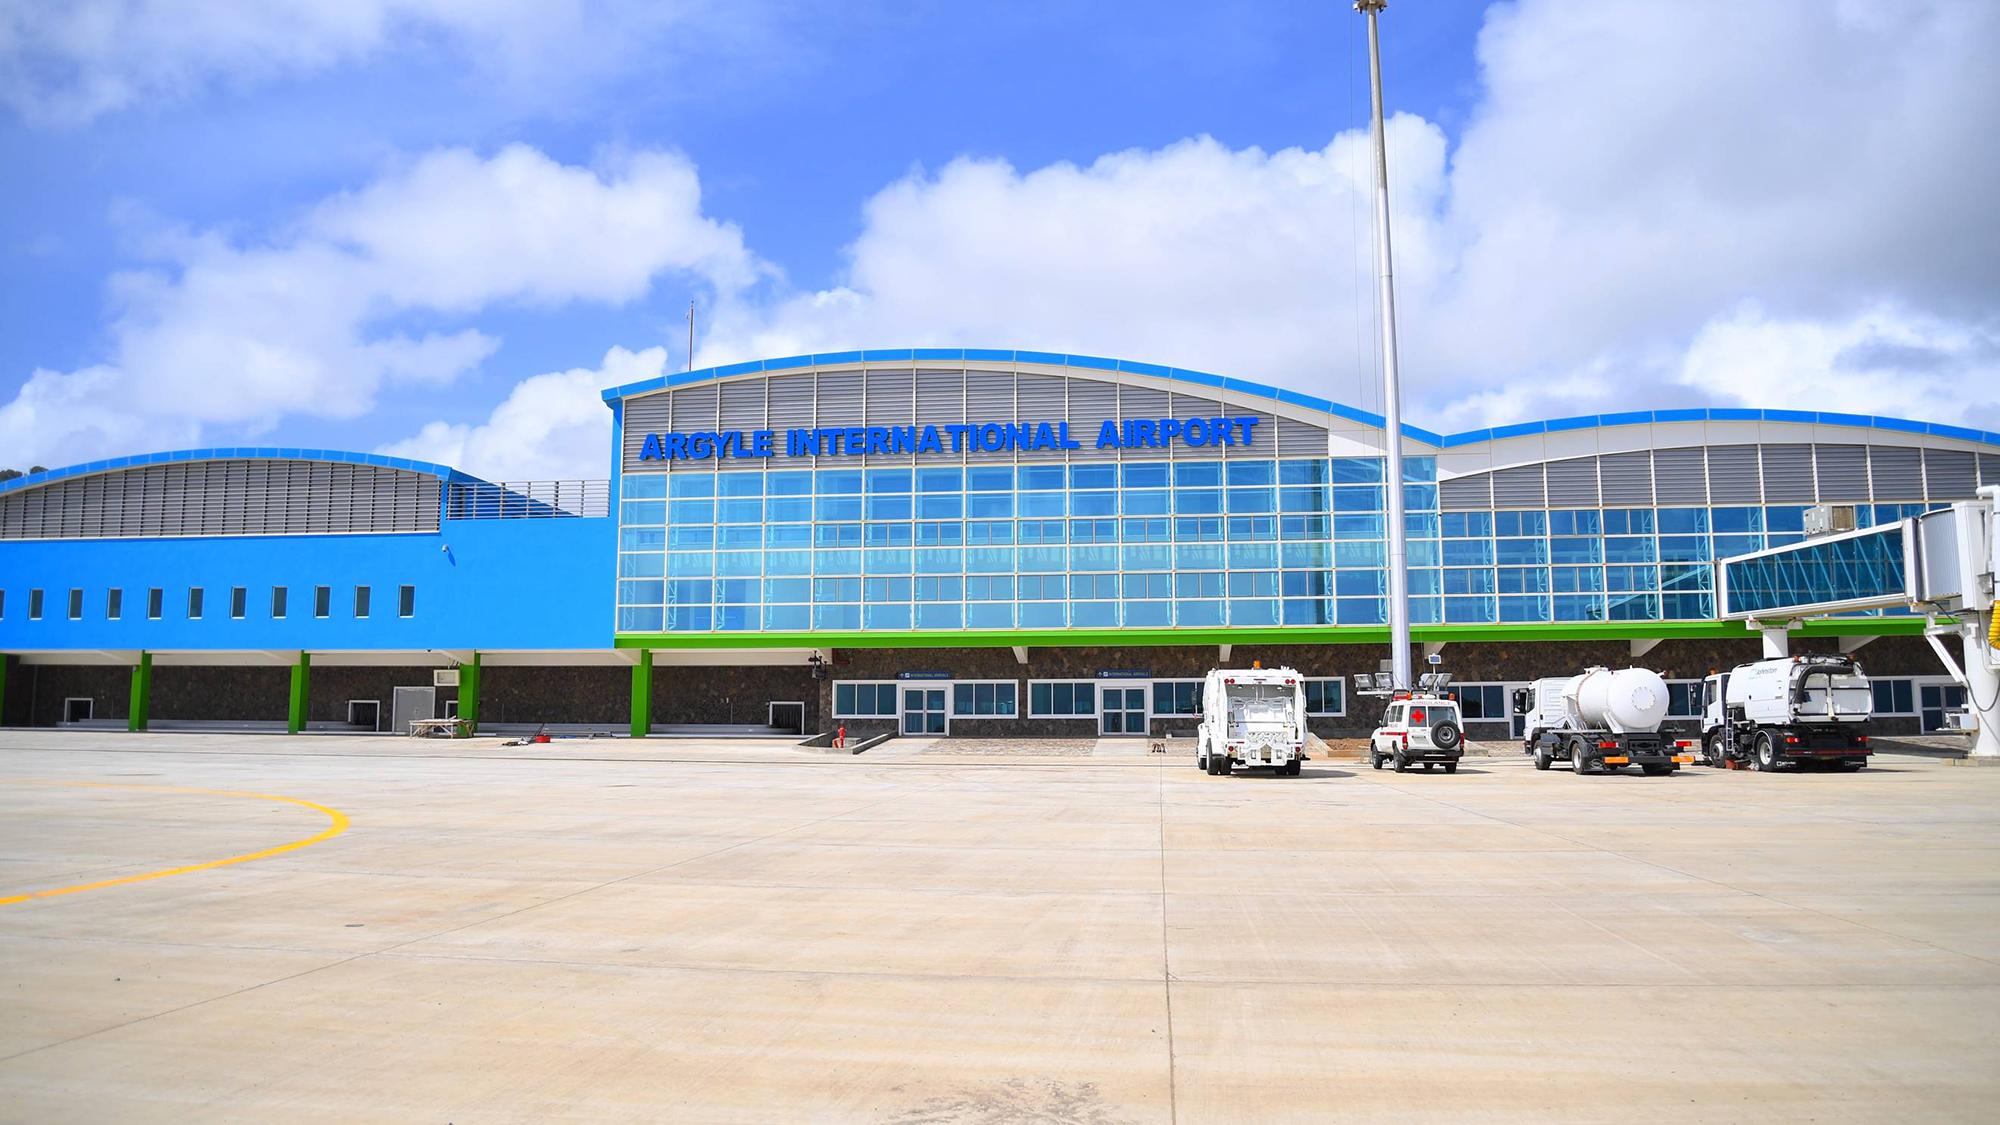 Resultado de imagen para Argyle International Airport (AIA)